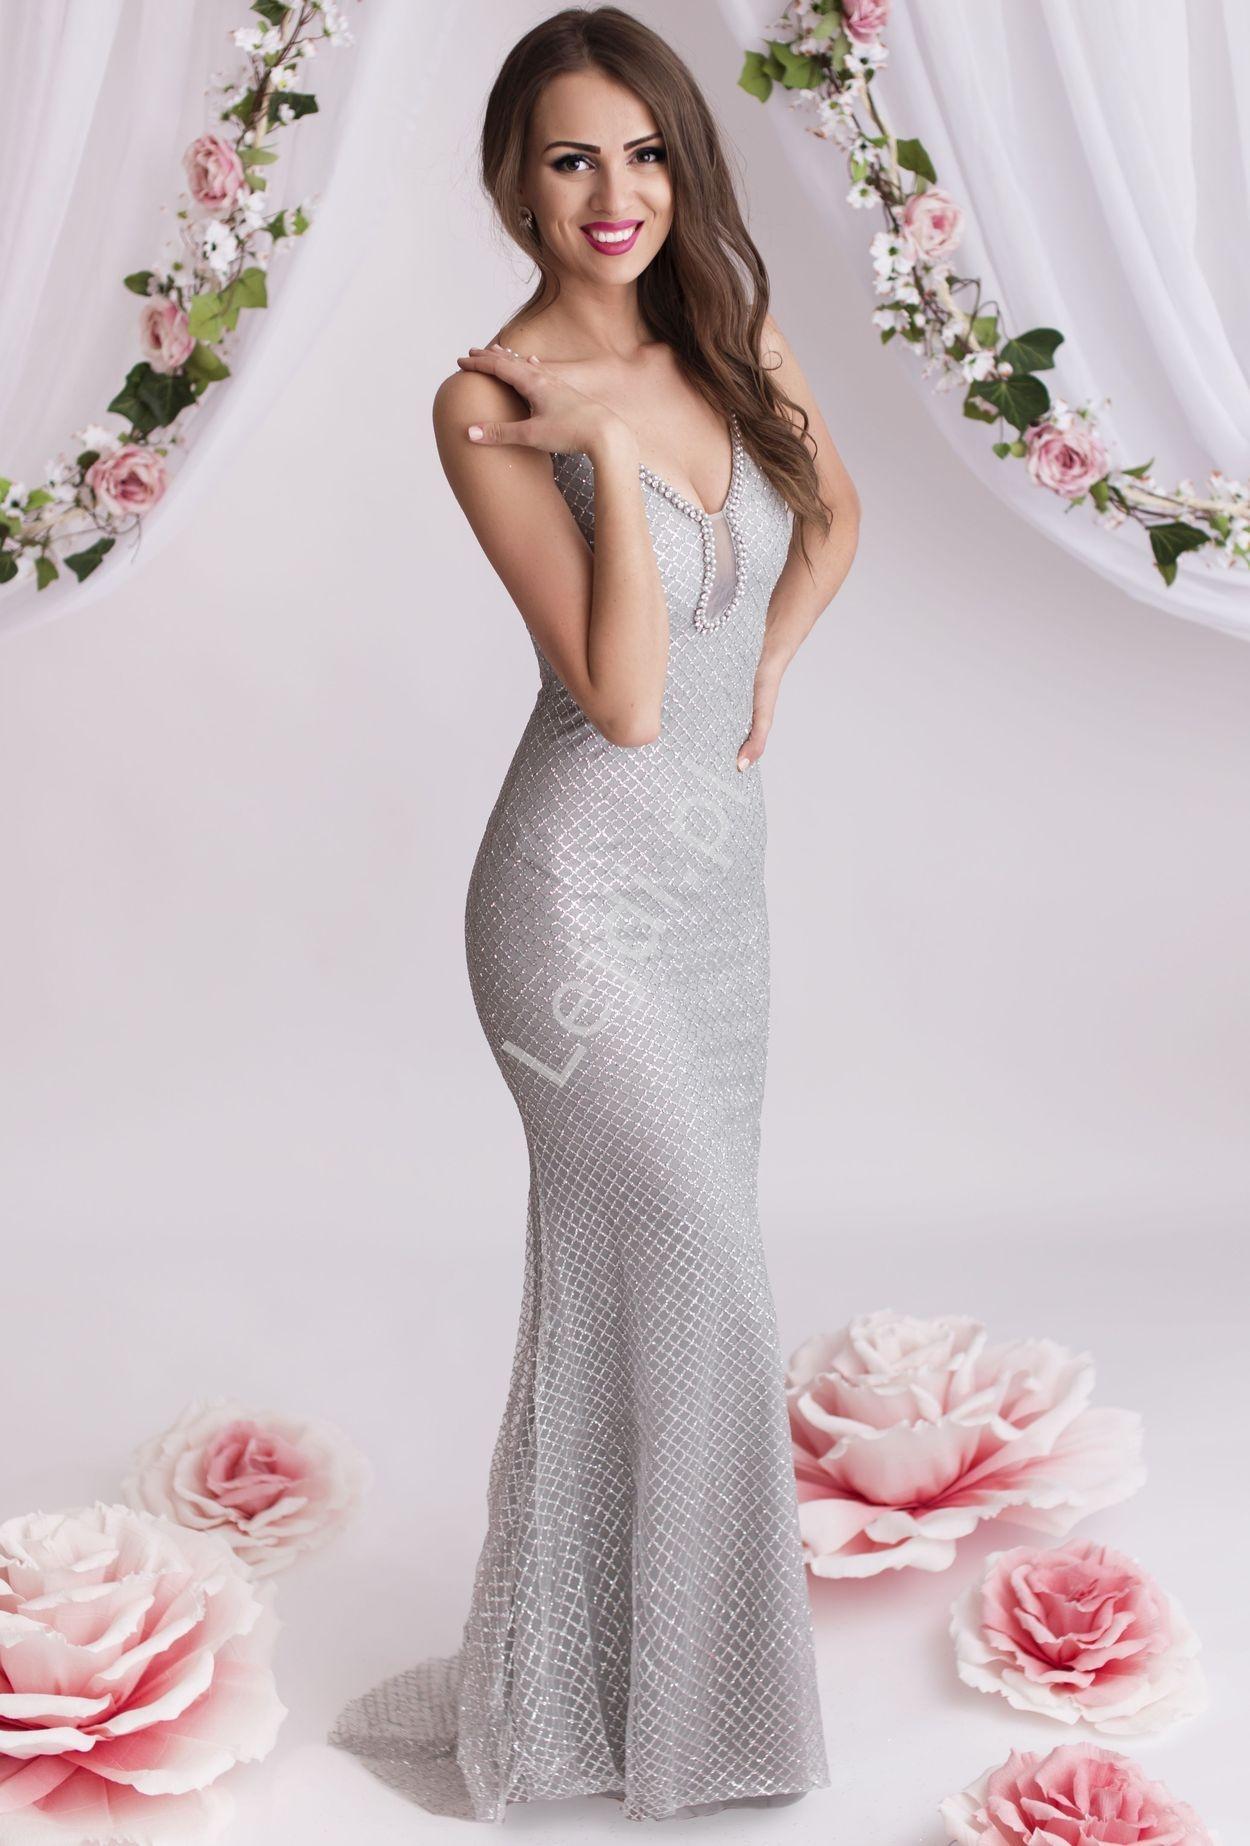 Srebrna suknia z brokatowymi wzorami i perłami przy dekolcie - Lejdi